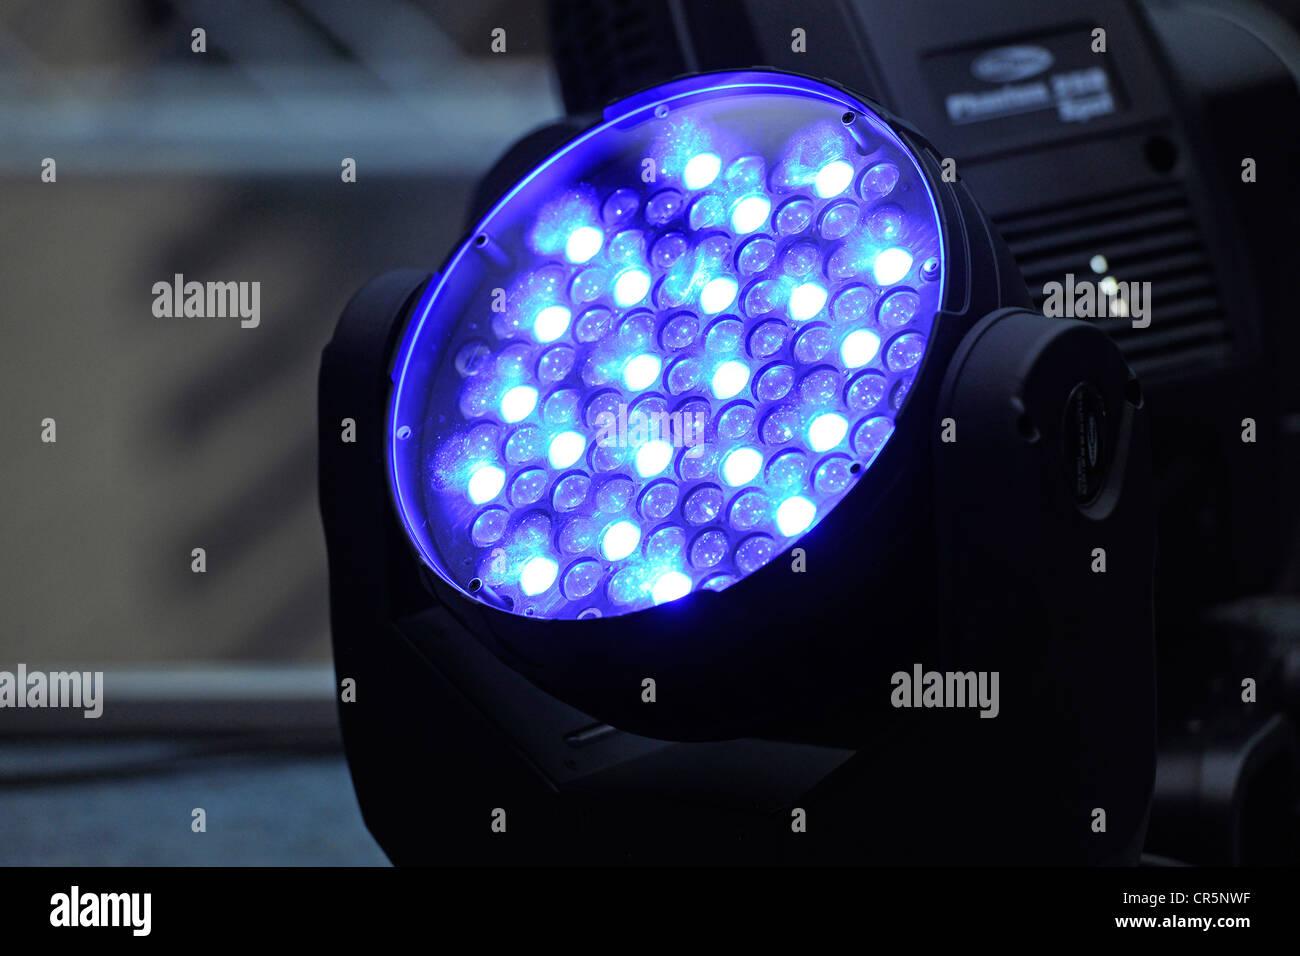 Event Beleuchtung Laser Licht Blaulicht Stockfotografie Alamy